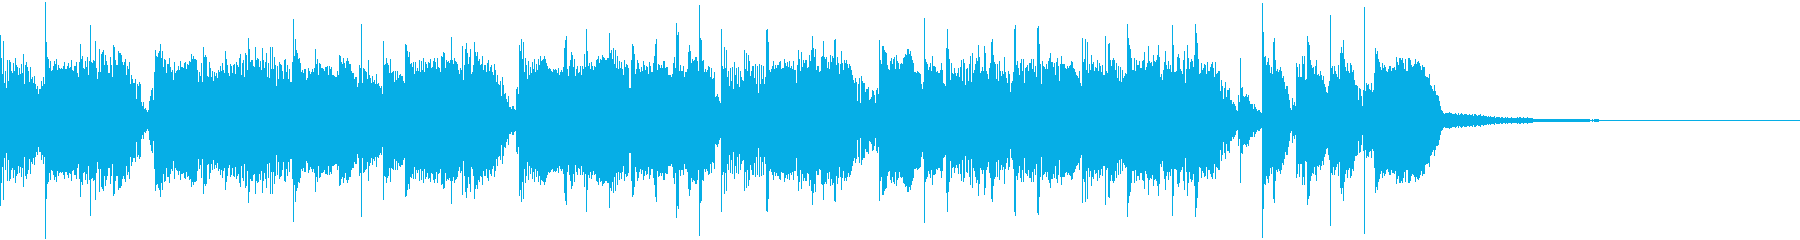 ルーズでワイルド、ロックなジングルの再生済みの波形